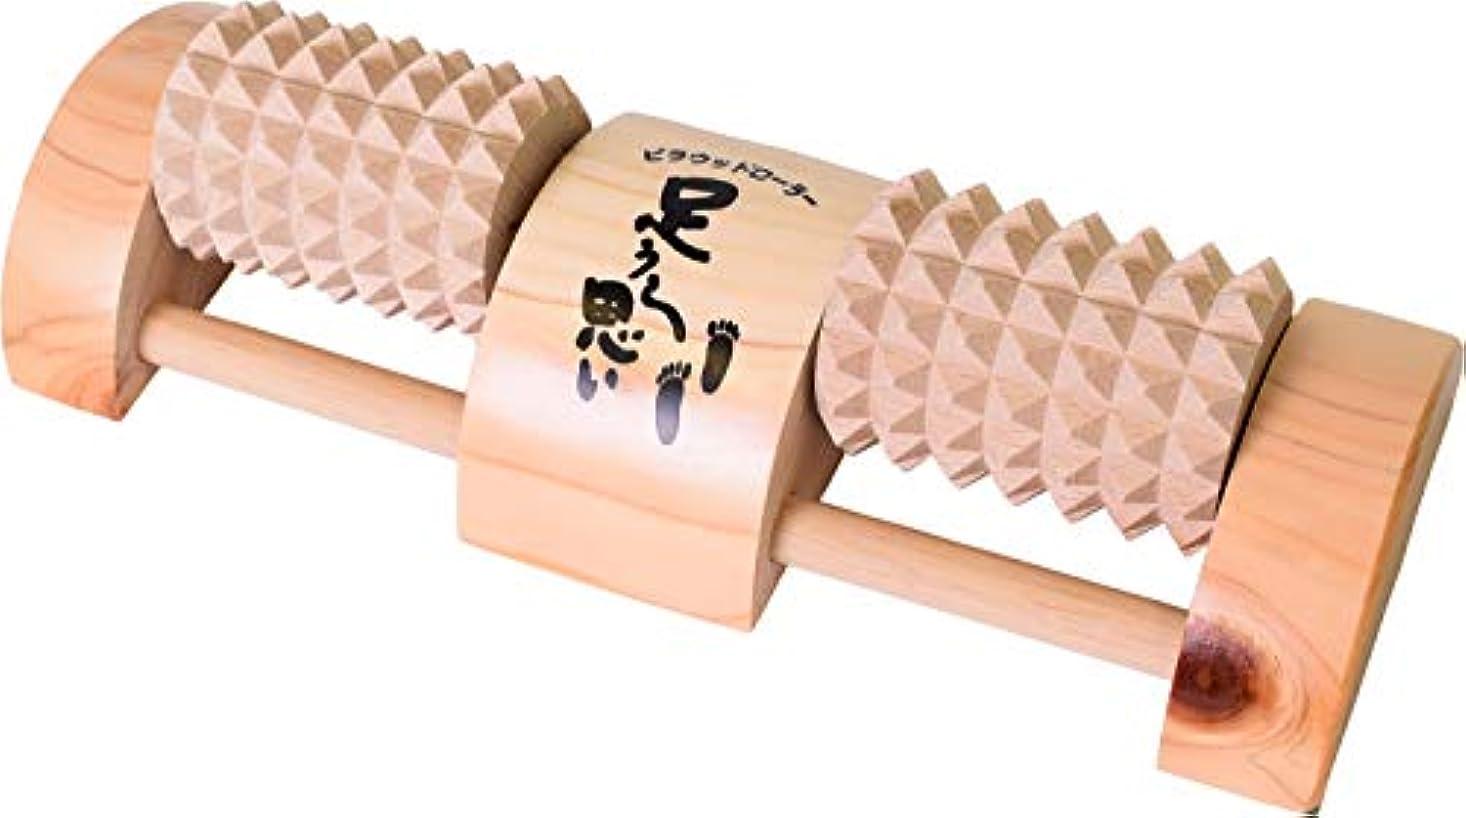 スタッククラシック取得木曽工芸 木製 足ツボ マッサージャー カエデ ひのき 足うら思い (S)